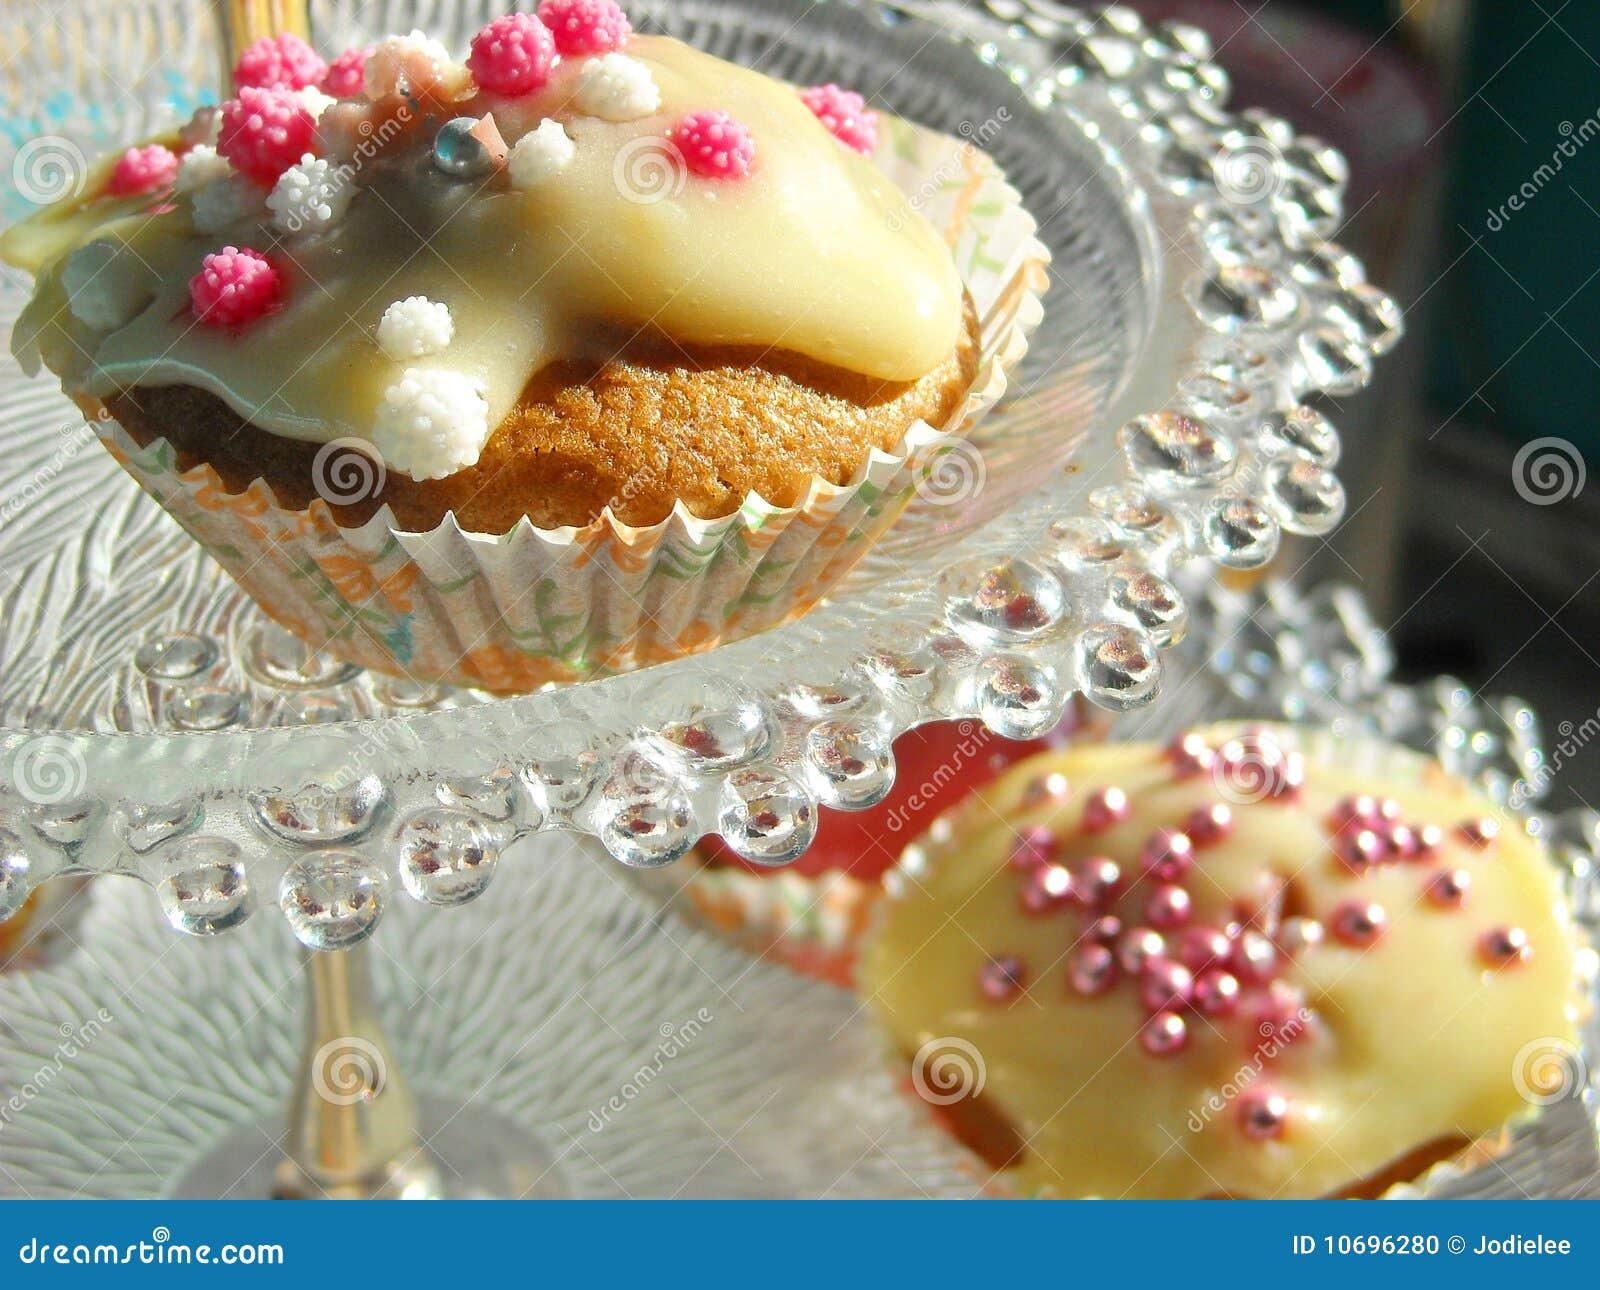 Geburtstag tee party kleine kuchen stockfoto bild von for Kuchen glasplatte